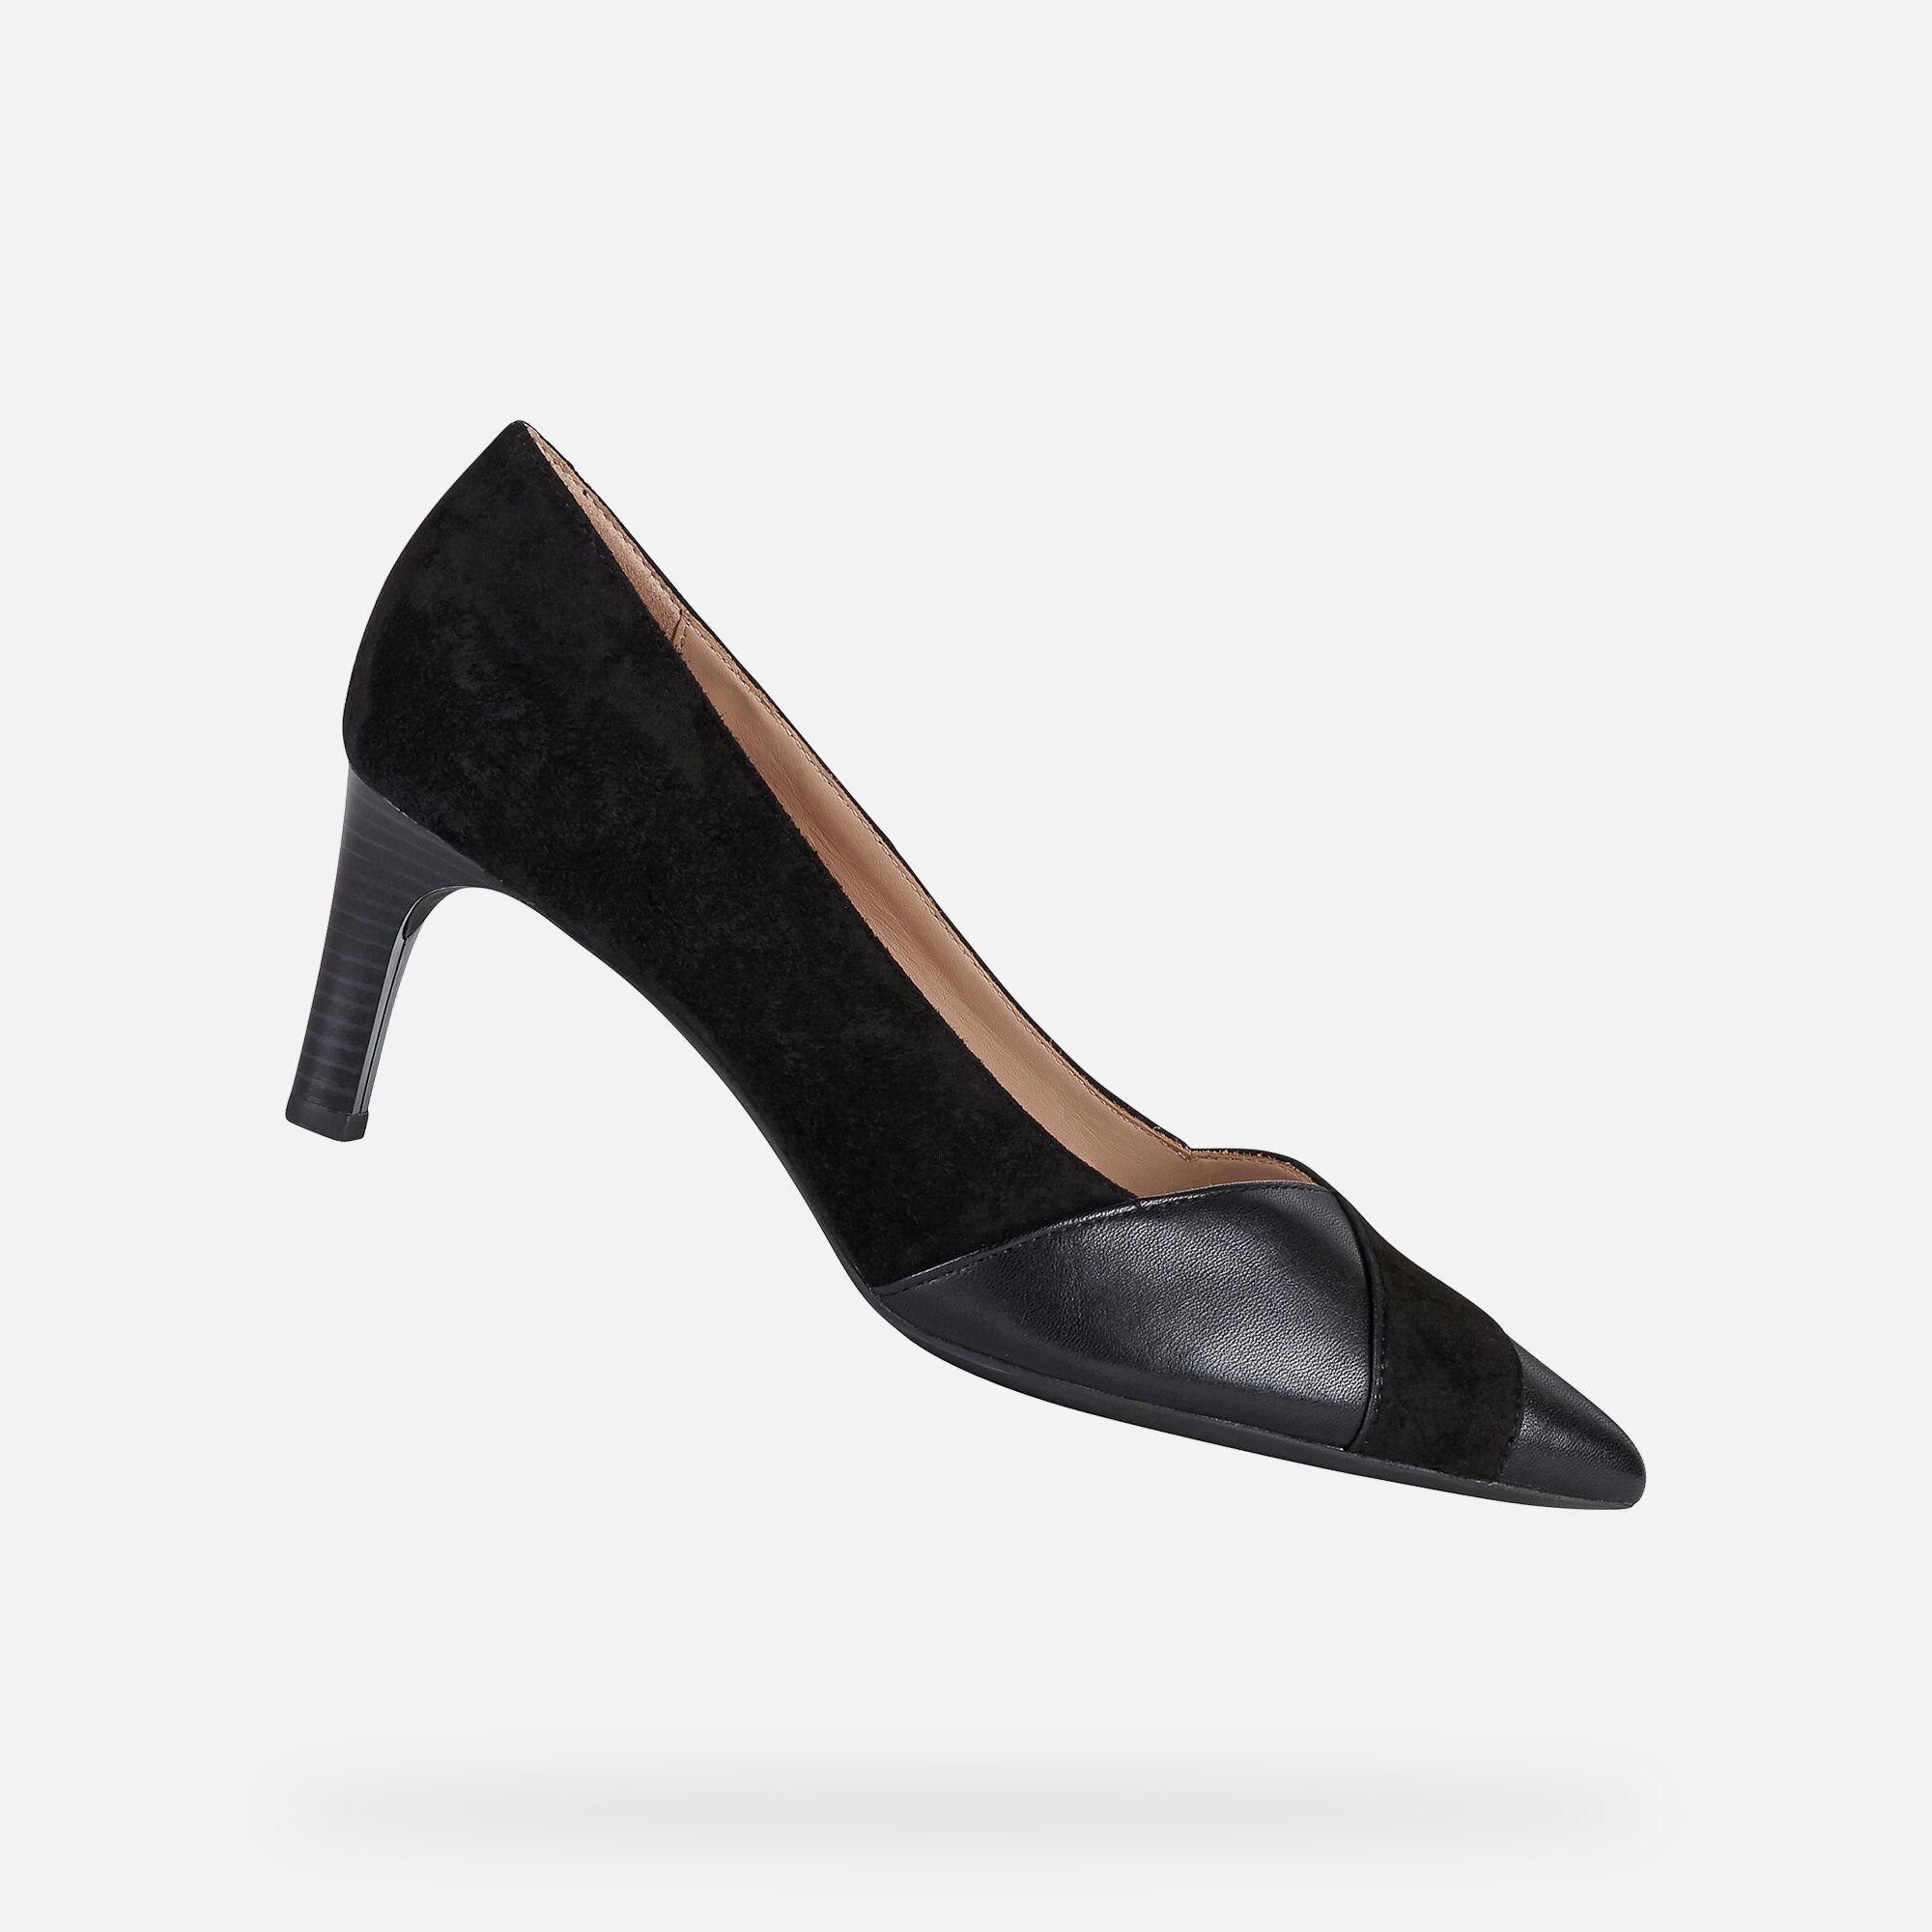 Geox BIBBIANA Mujer: Zapatos Coñac   Geox ®